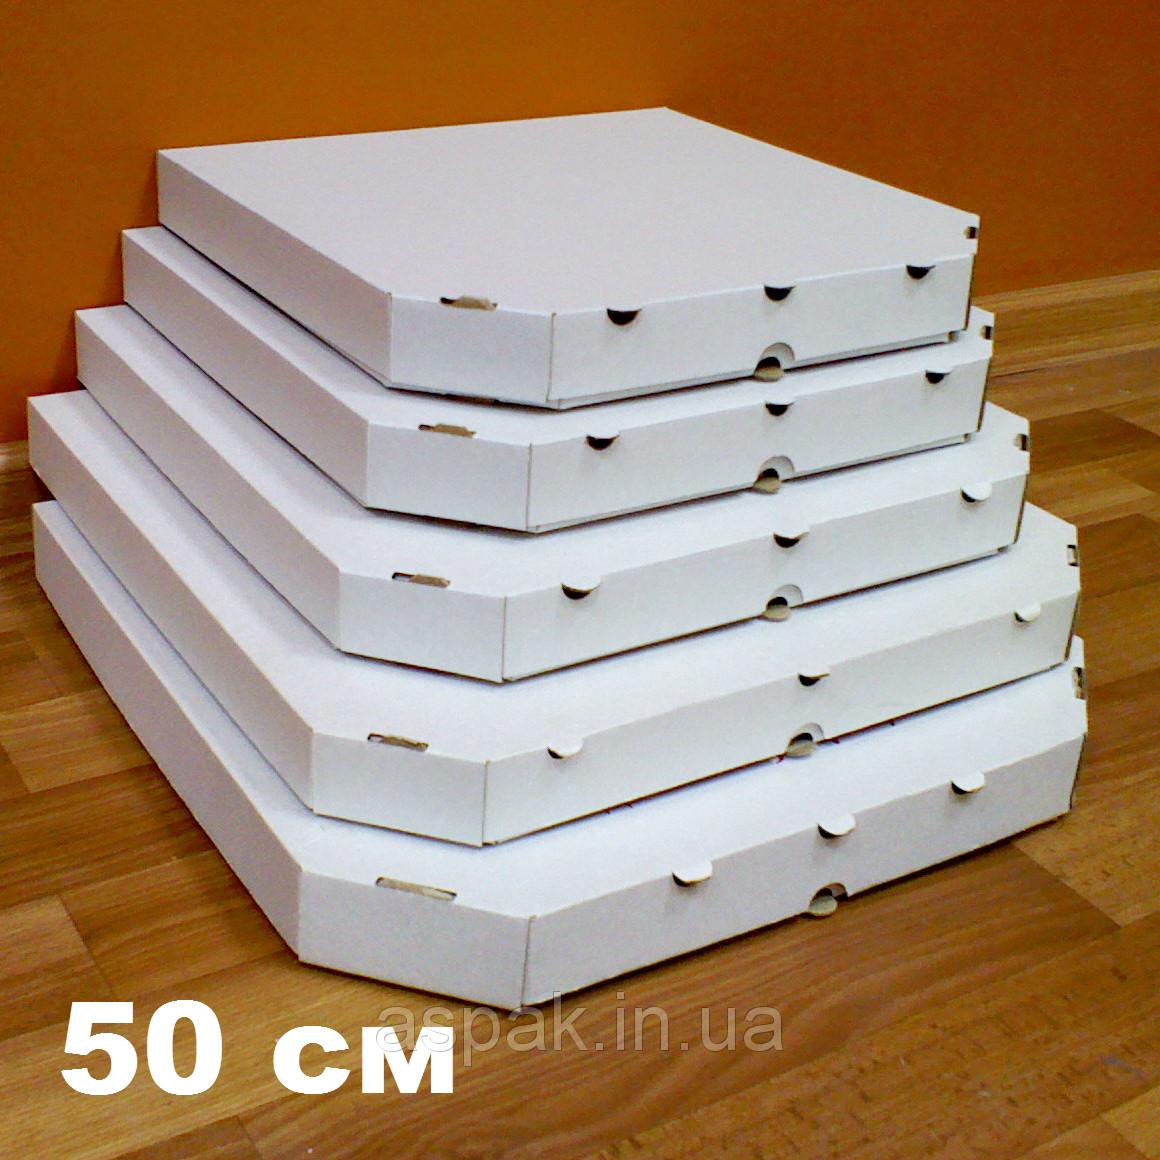 коробки с окошком оптом от производителя дешево